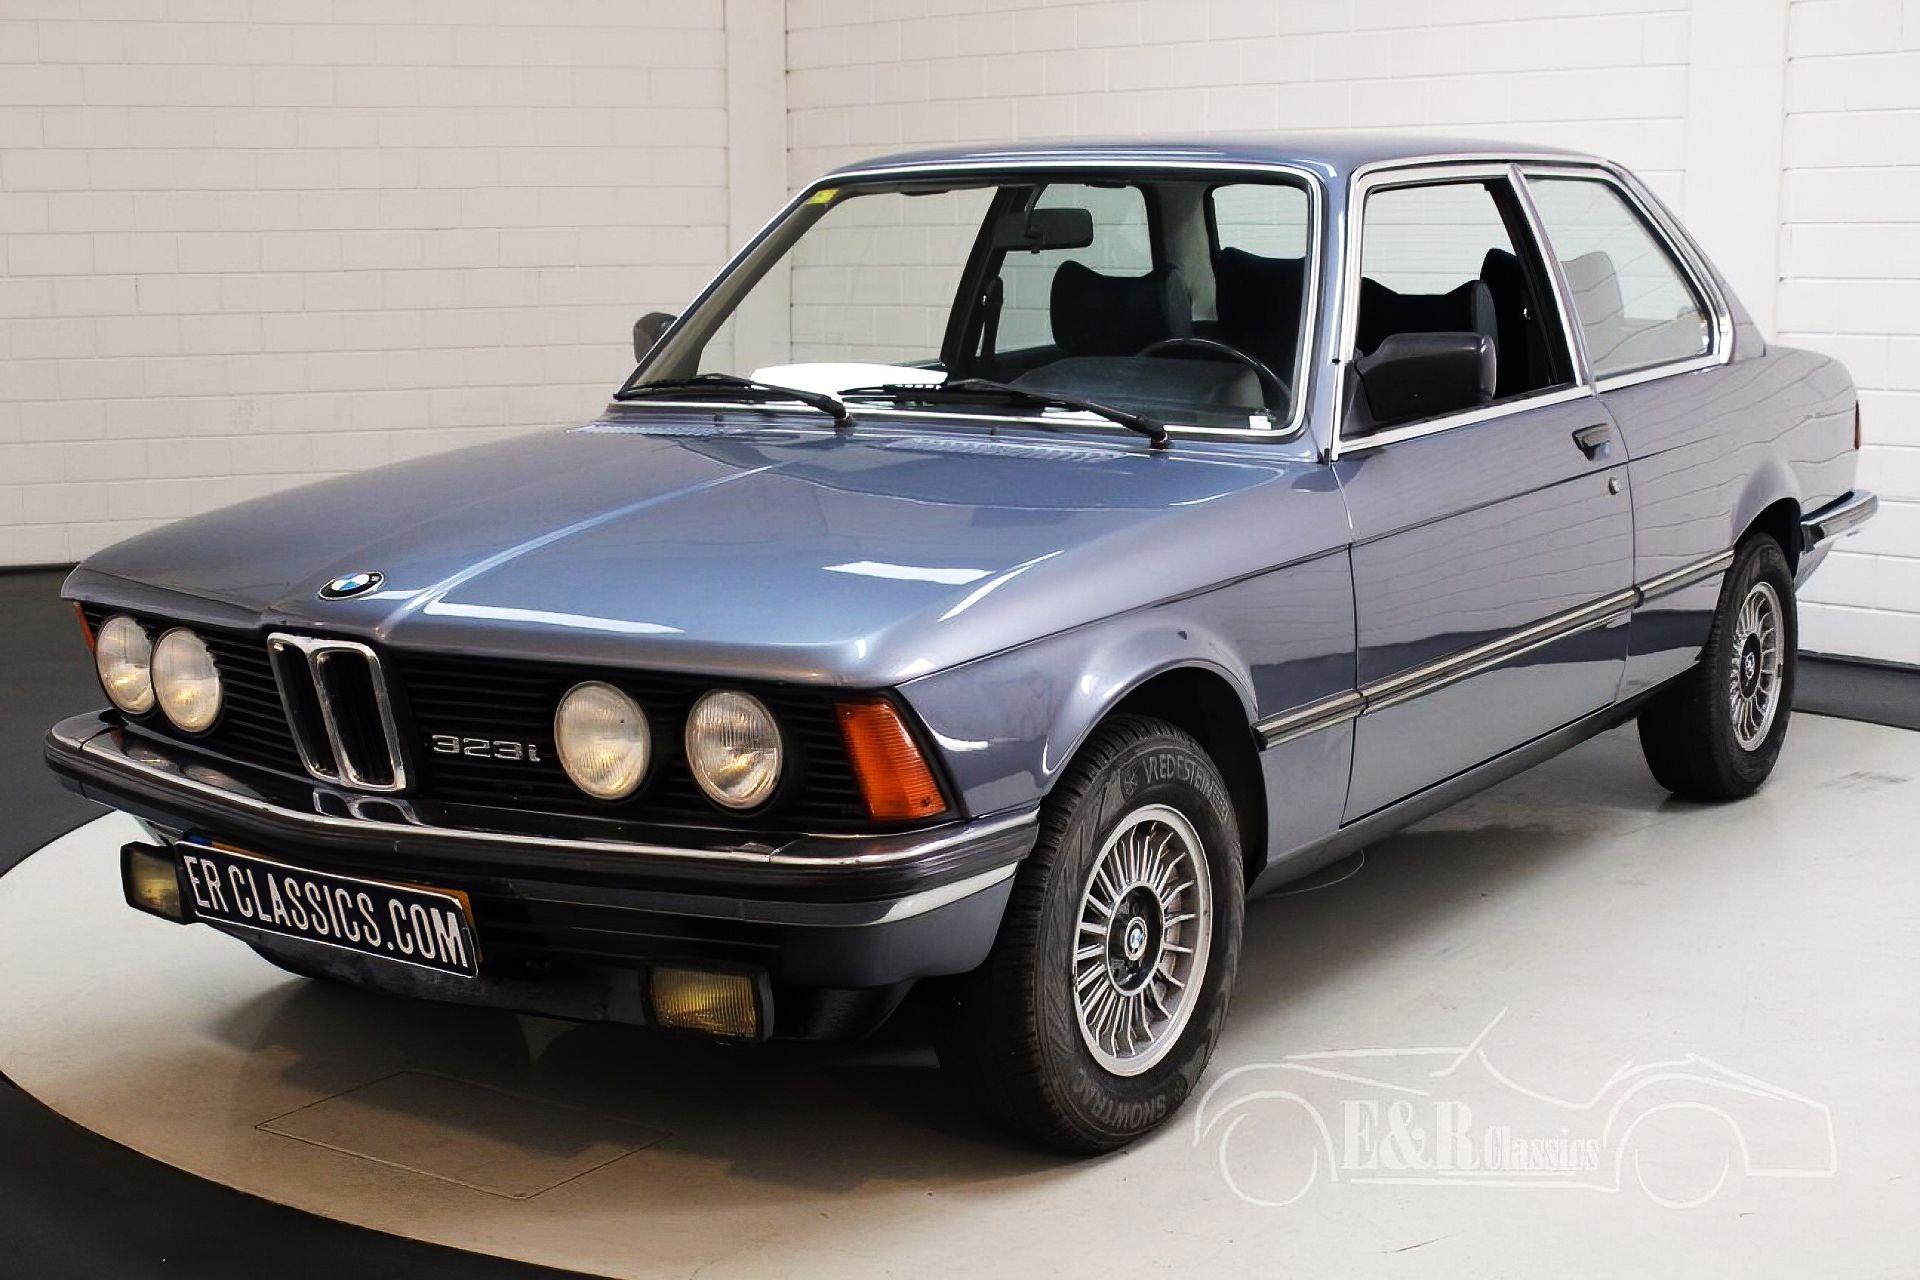 1980 Bmw 323i E21 Bmw E21 Bmw Classic Cars Bmw 323i